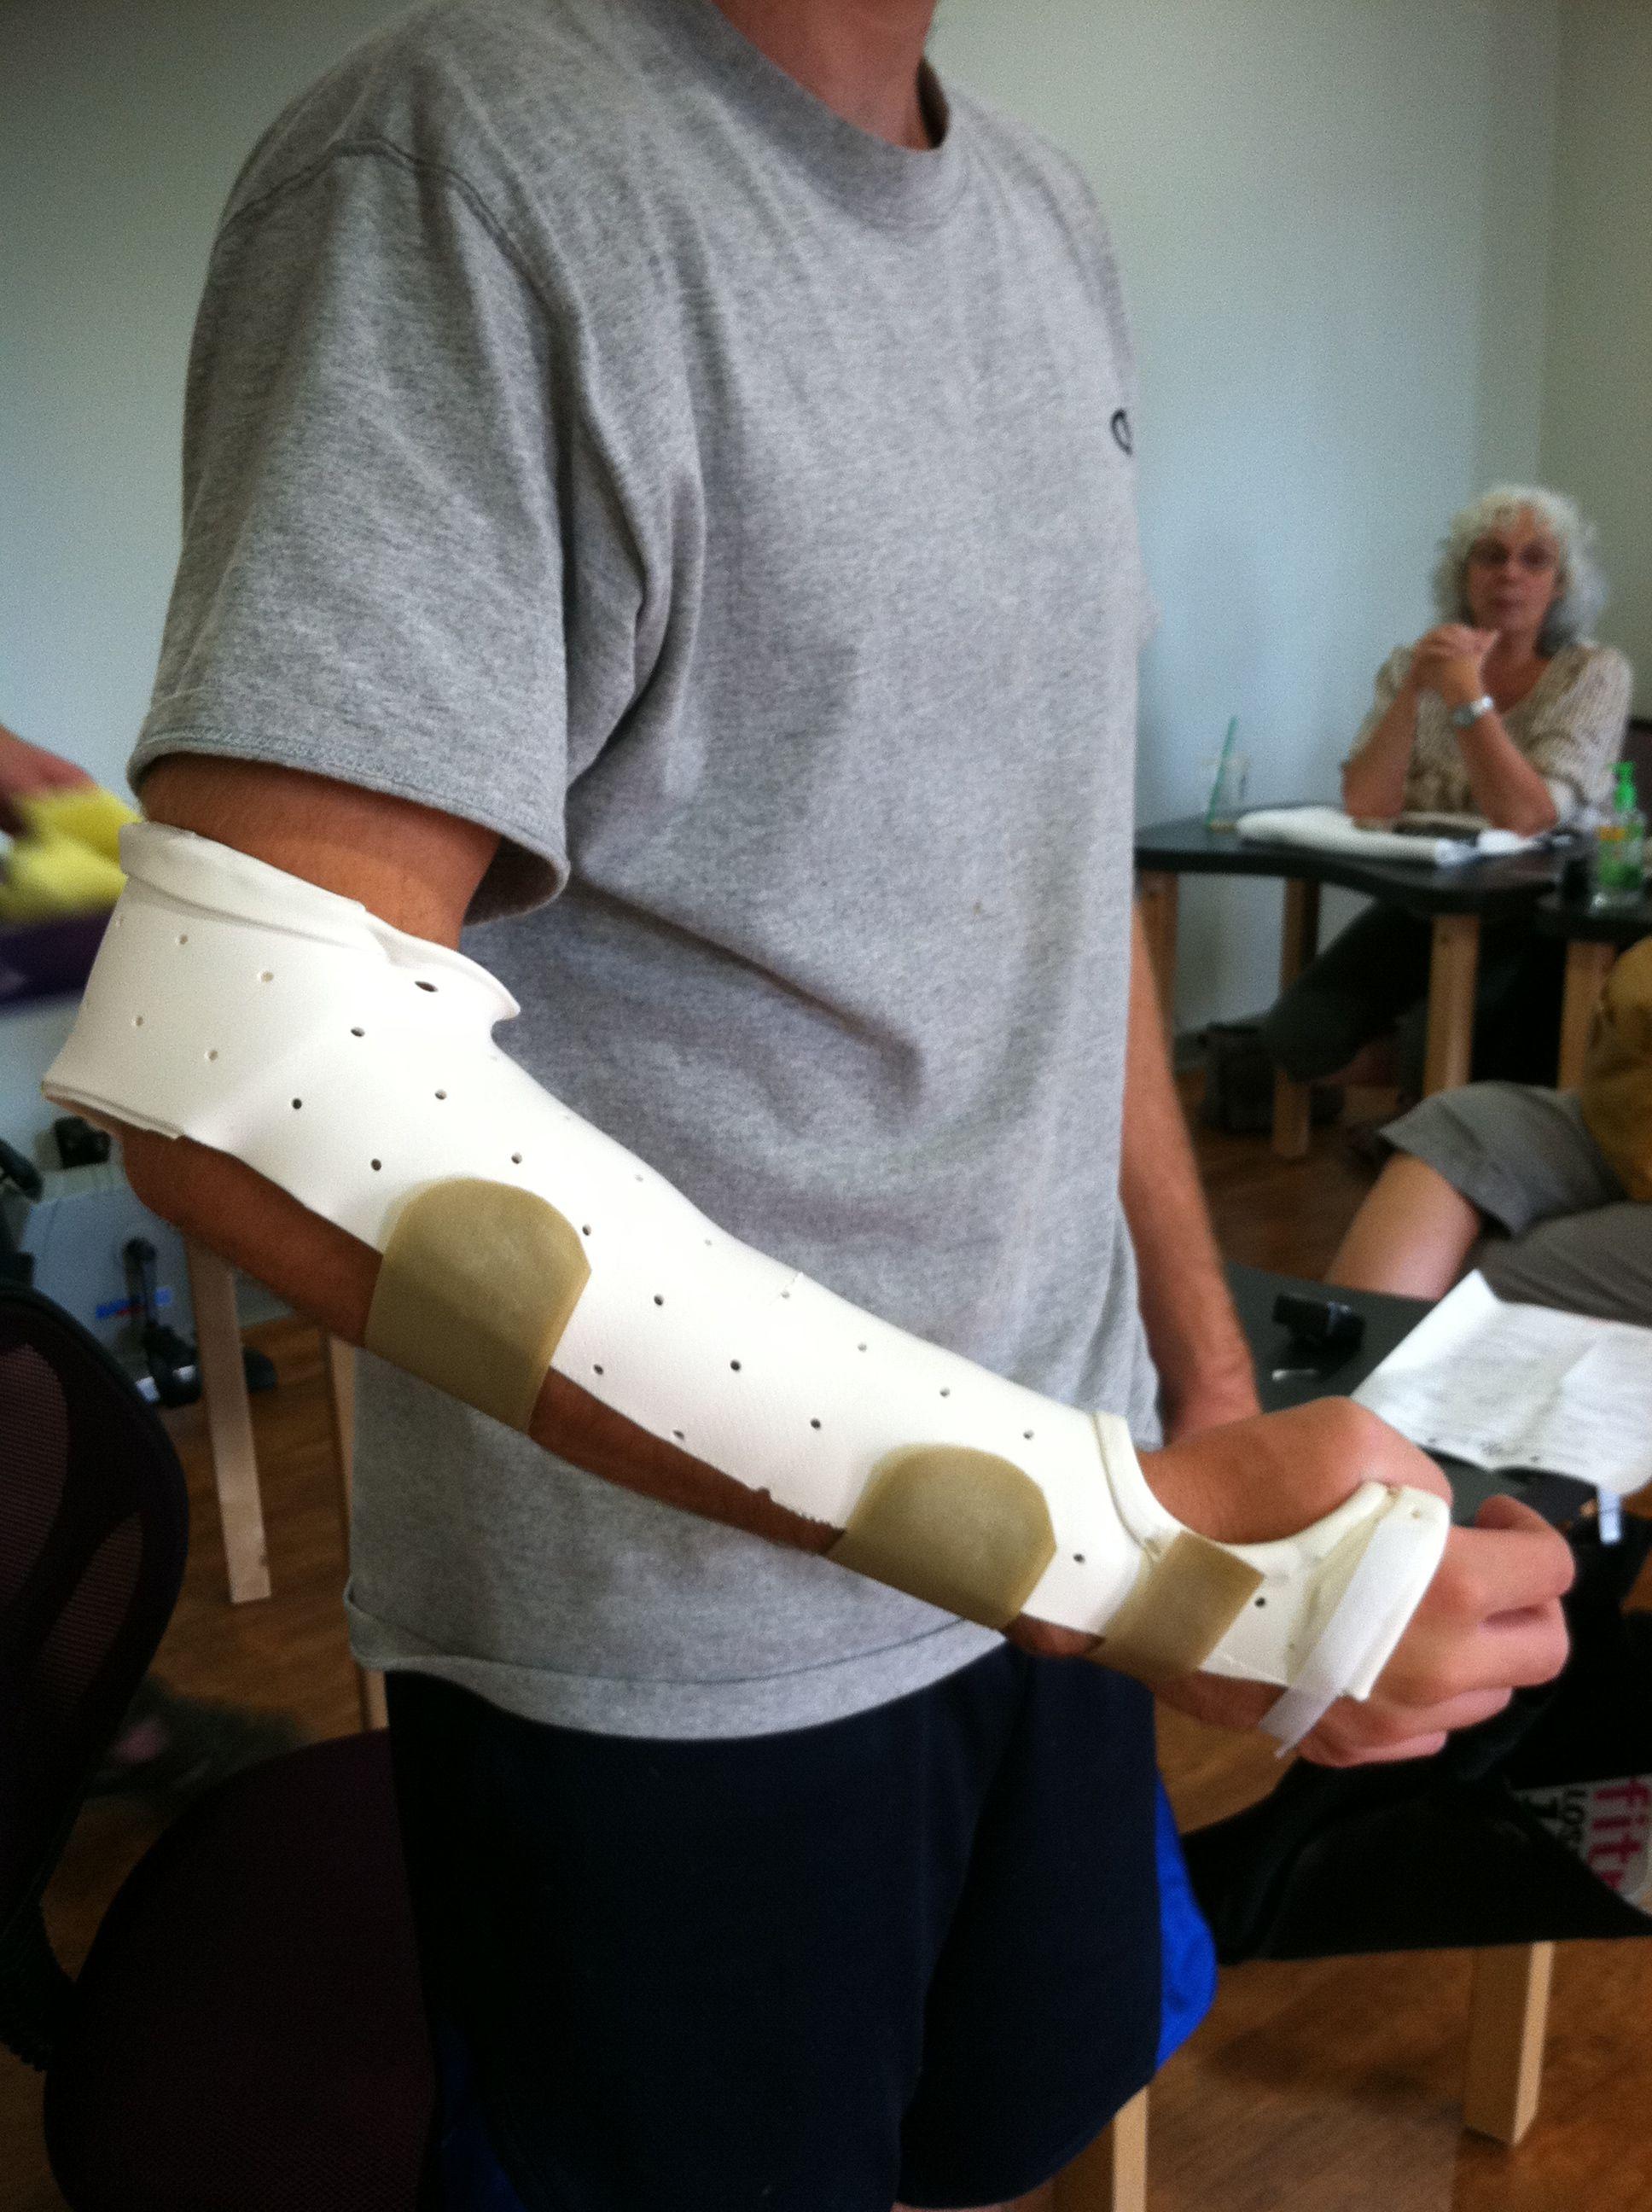 Munster Splint Prevents Forearm Rotation Often Used For